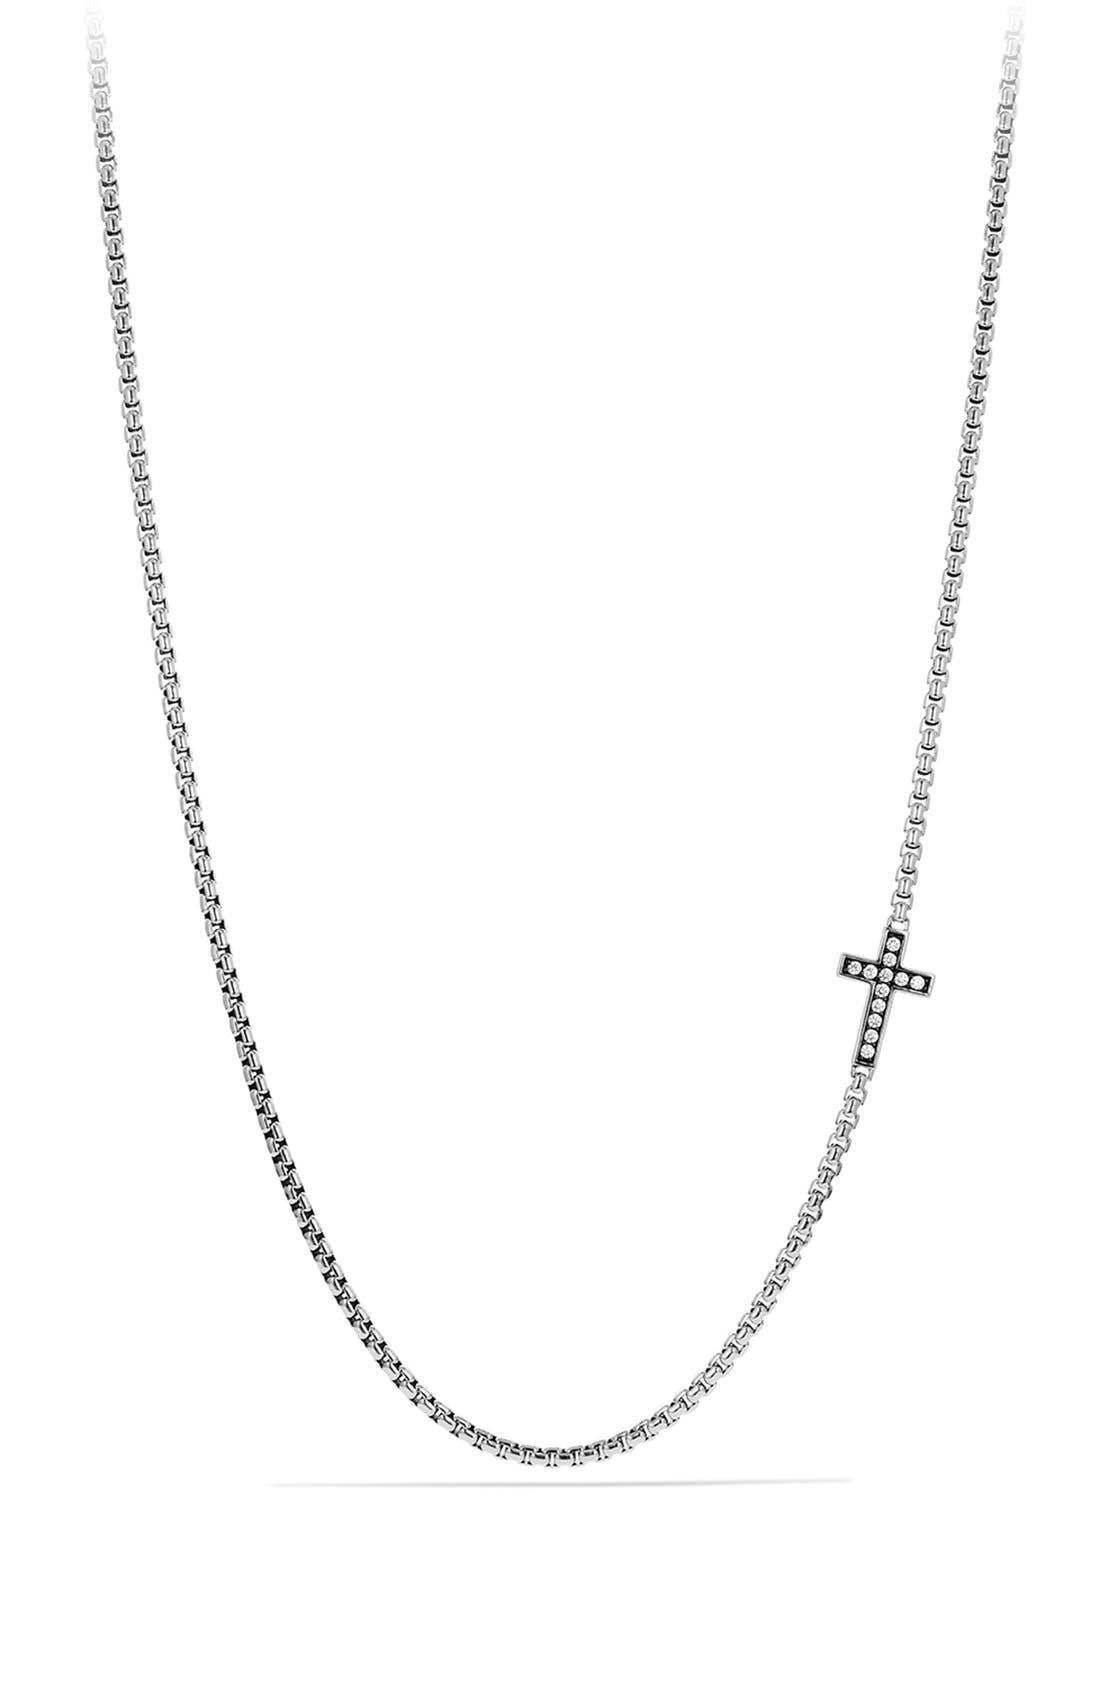 Main Image - David Yurman Pavé Cross Necklace with Diamonds